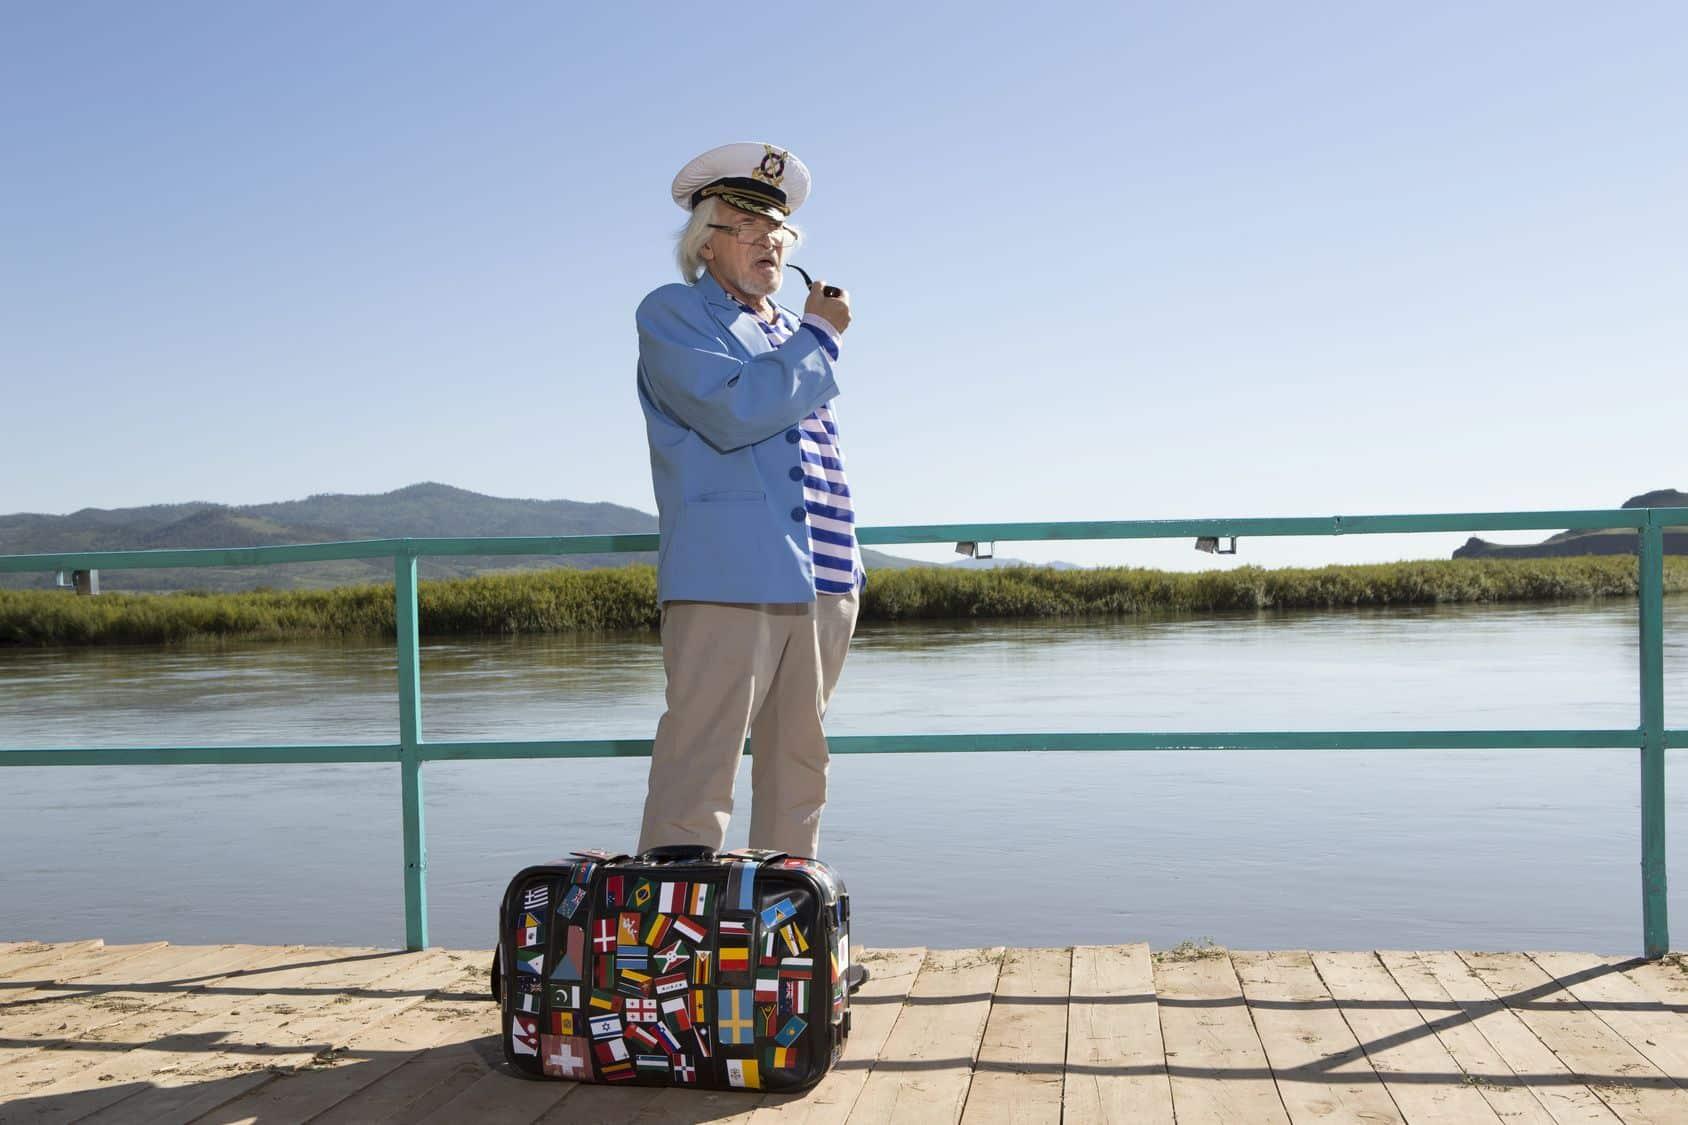 Der Angelkoffer – denn auch Angler brauchen Koffer